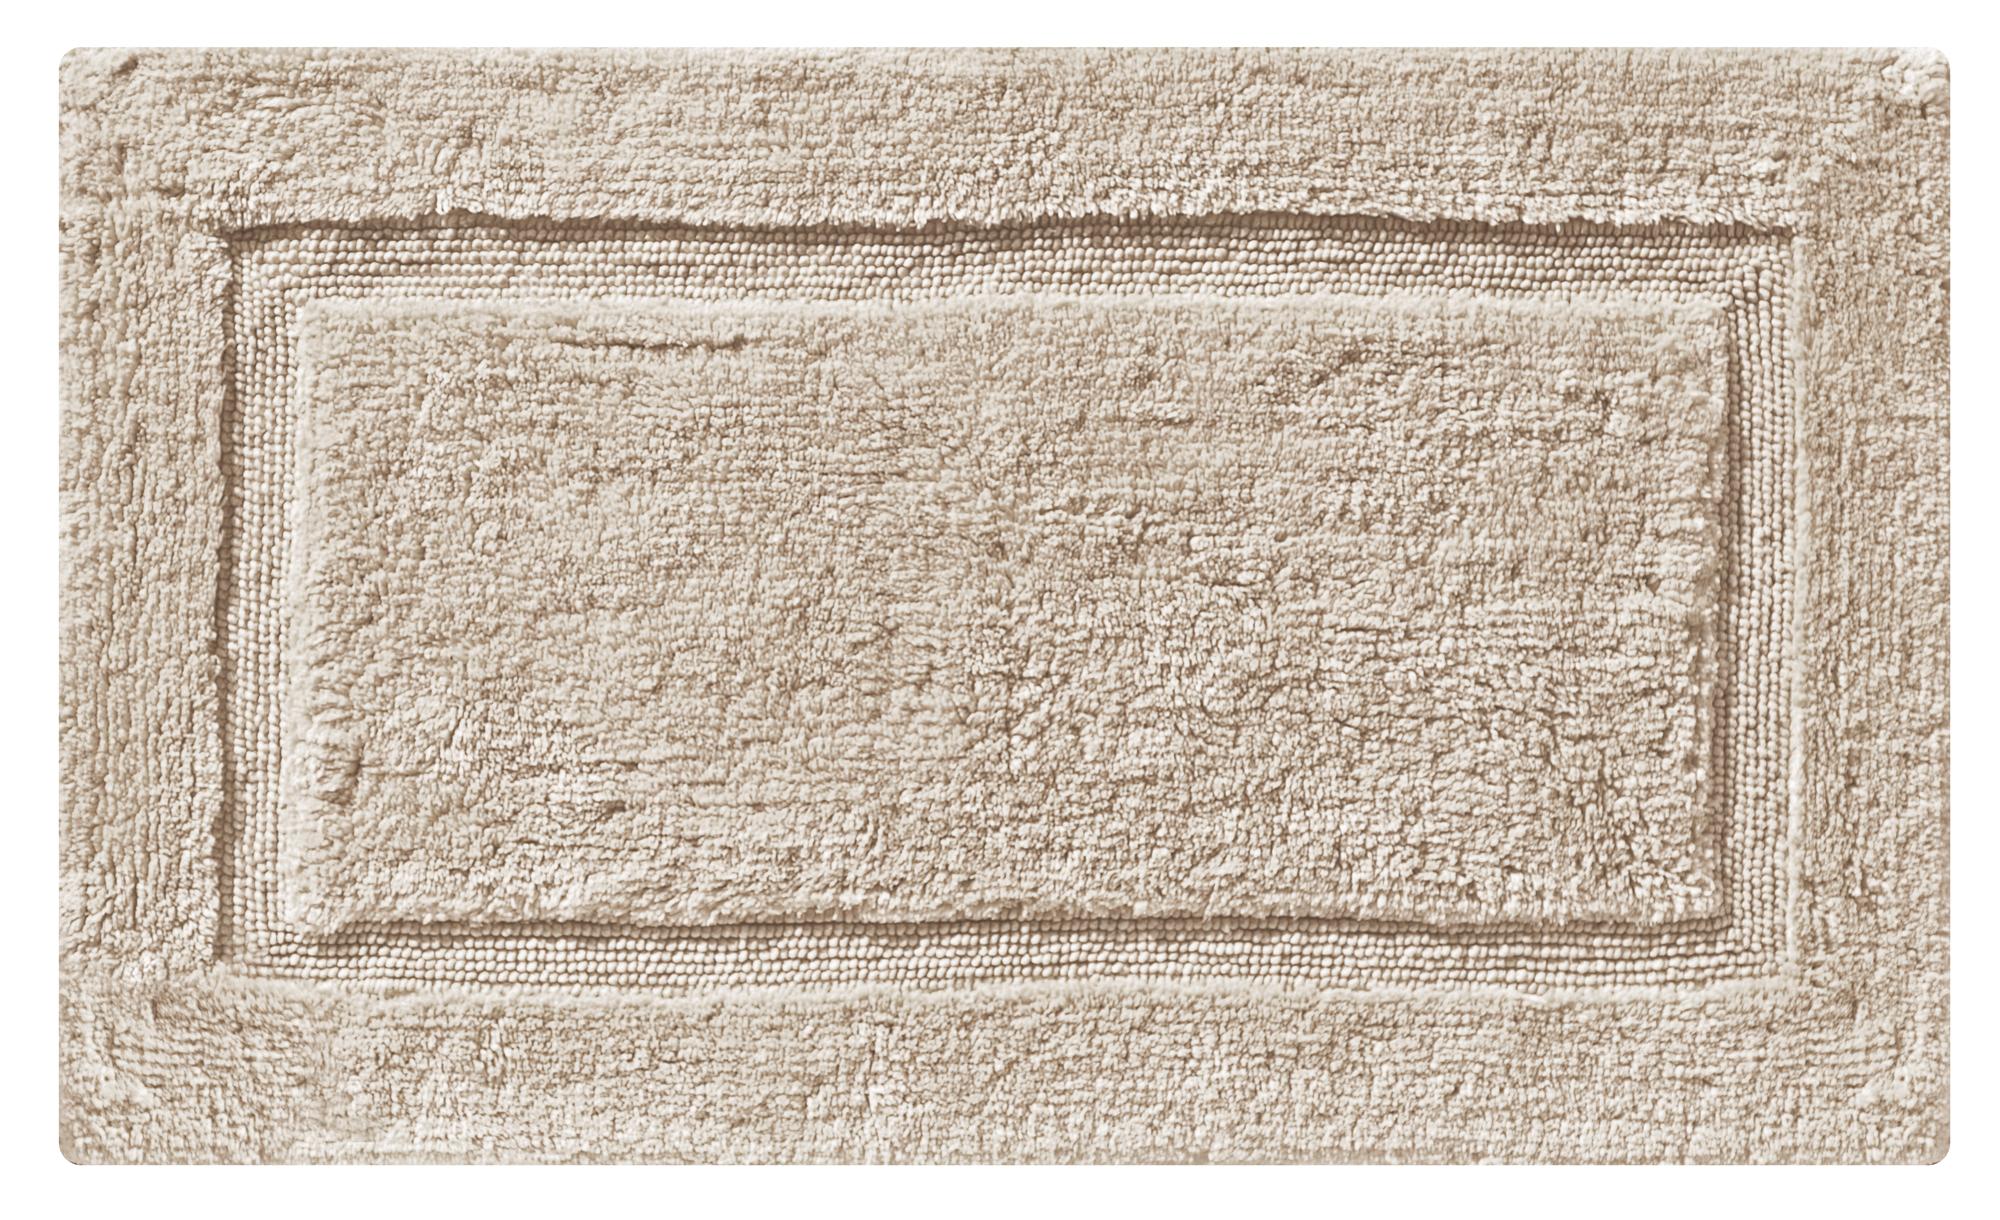 ΤΑΠΕΤΟ ΜΠΑΝΙΟΥ ΒΑΜΒ.40Χ60 BORDER ΜΠΕΖ